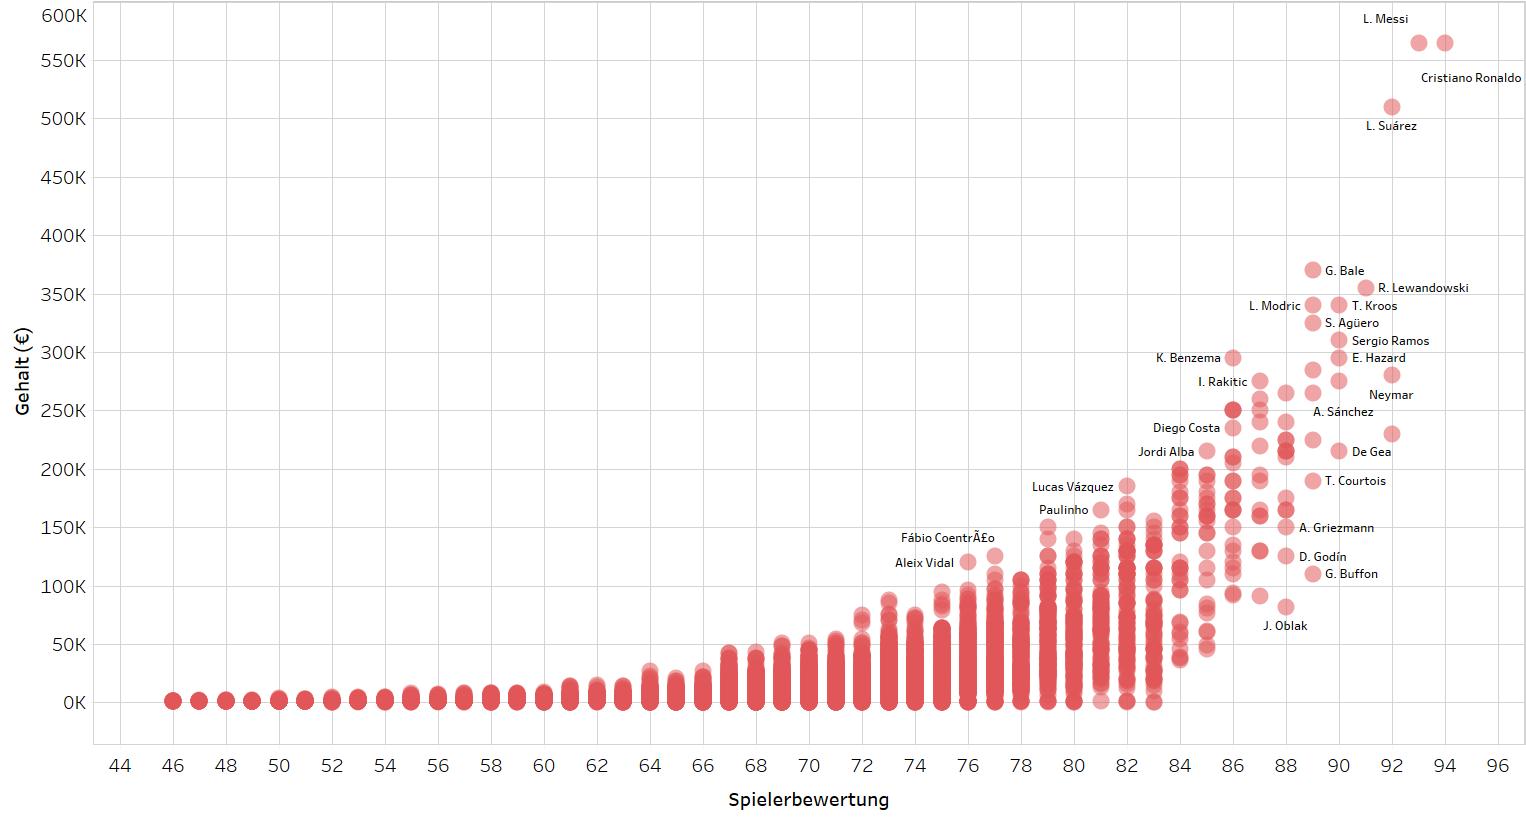 Spielerbewertung und Gehalt